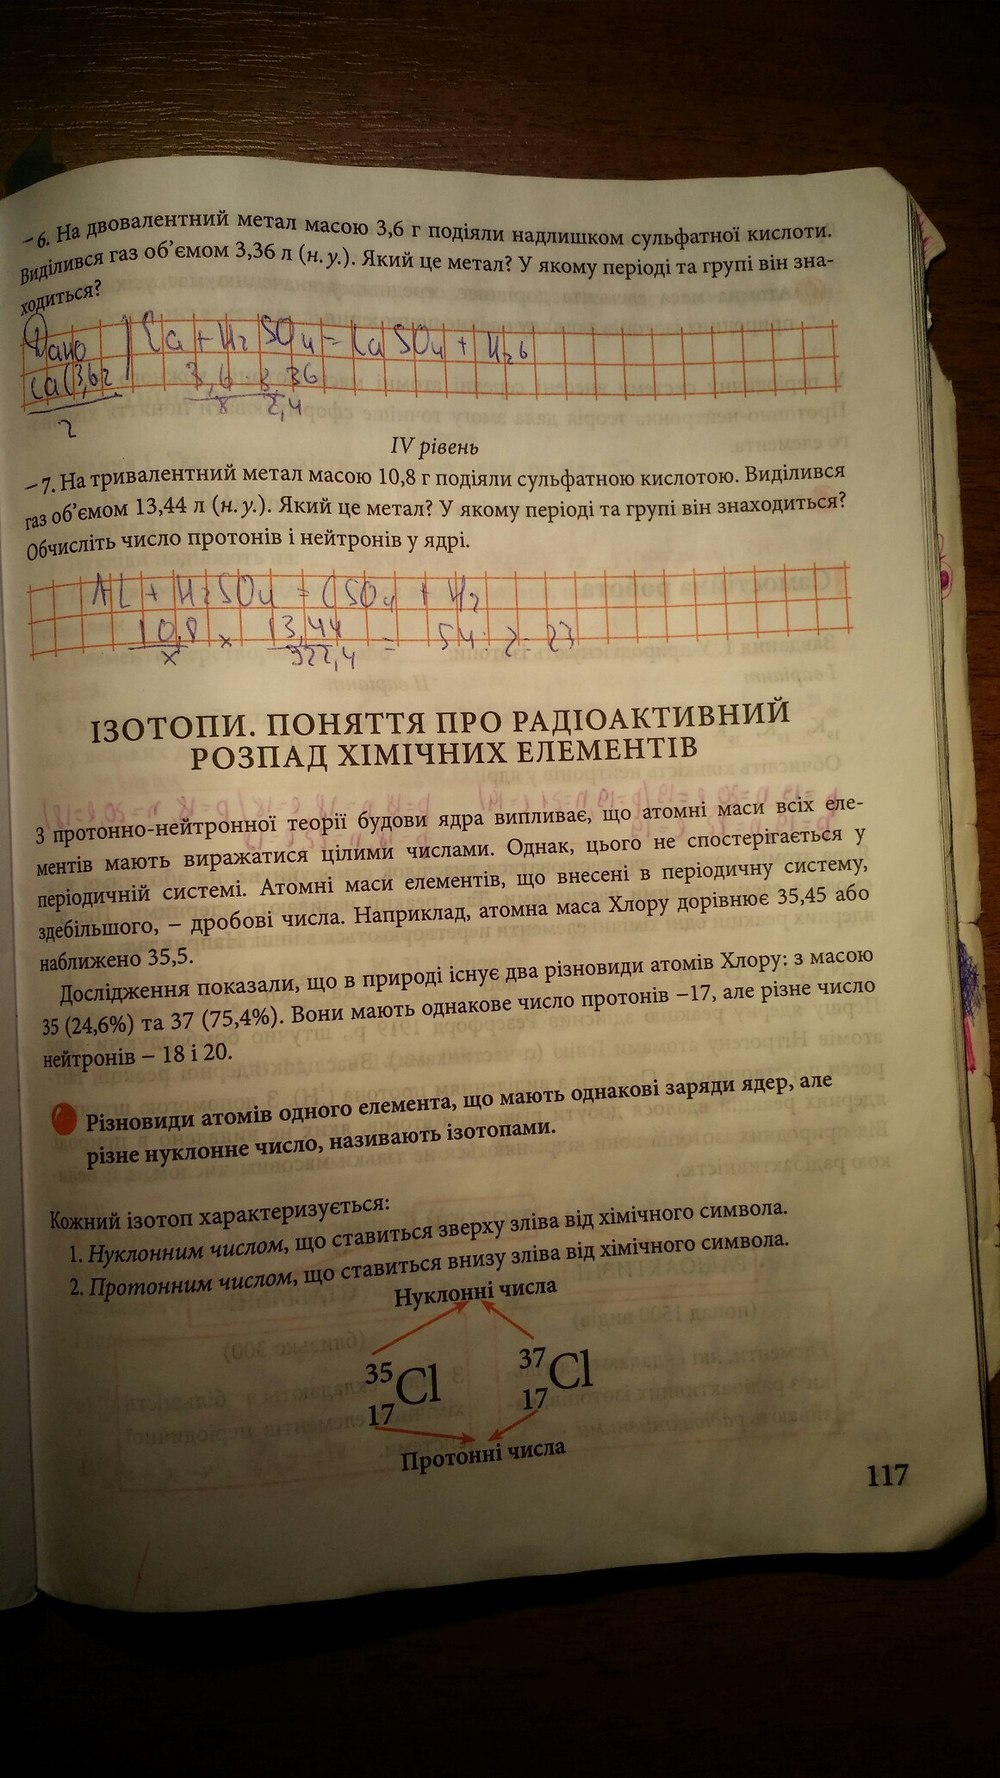 ГДЗ відповіді робочий зошит по химии 8 класс. Задание: стр. 117